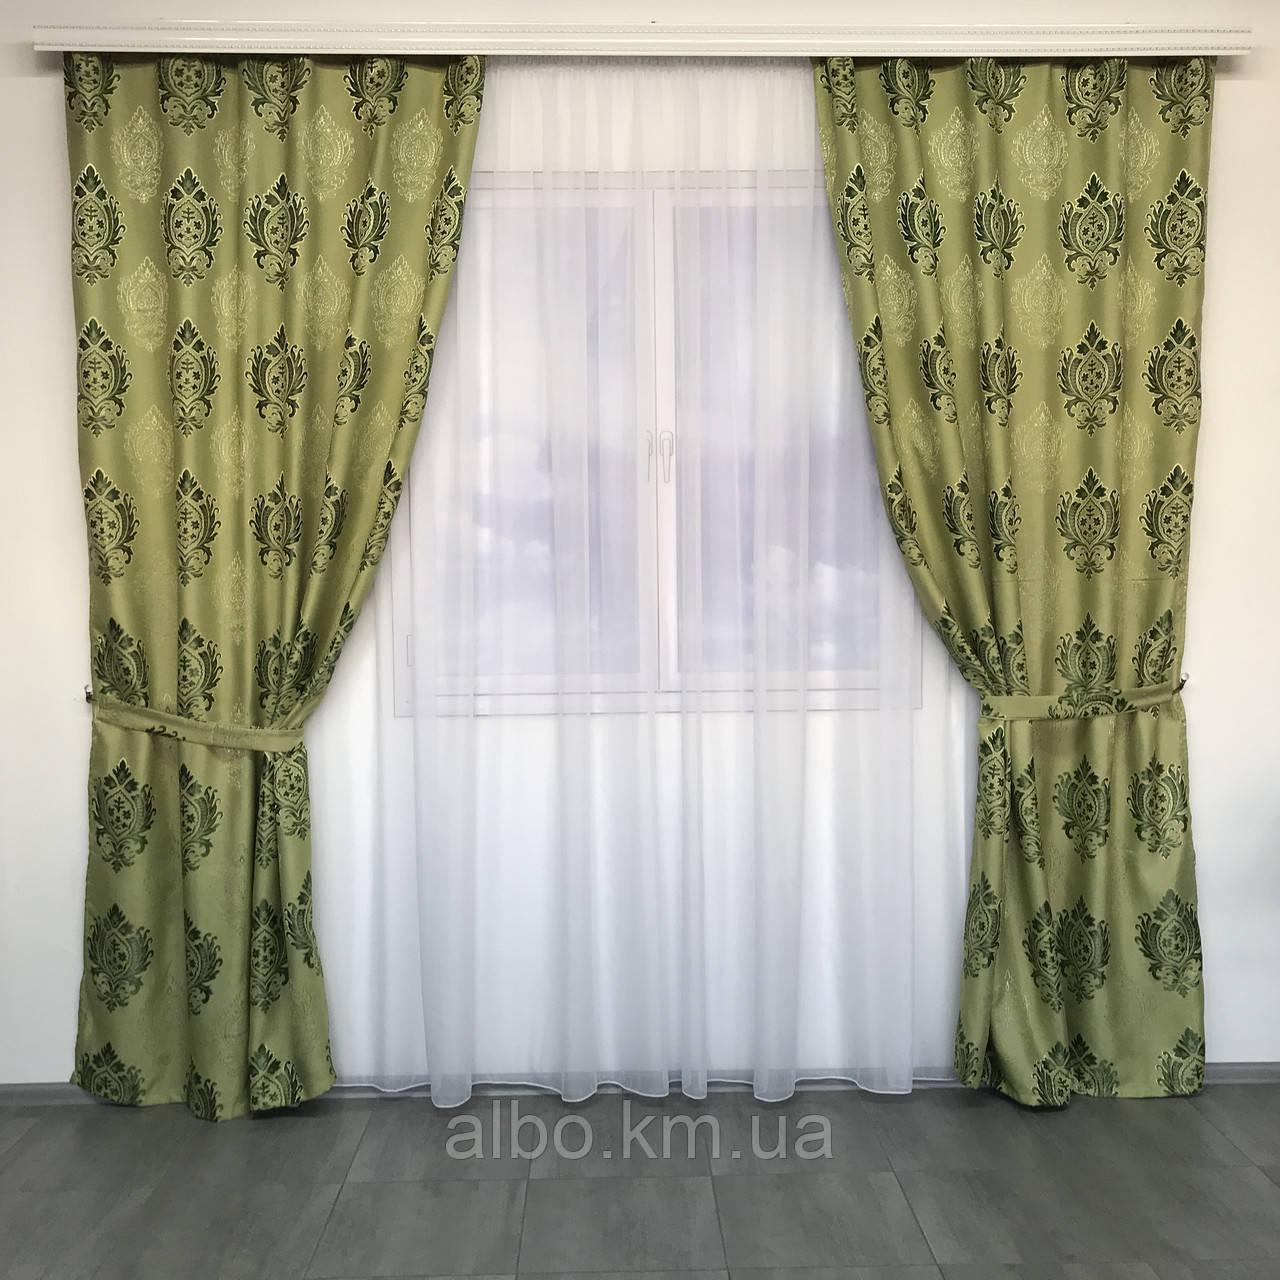 Изысканные шторы льняные 150x270 cm (2 шт) ALBO Зеленые (SH-M11-4)